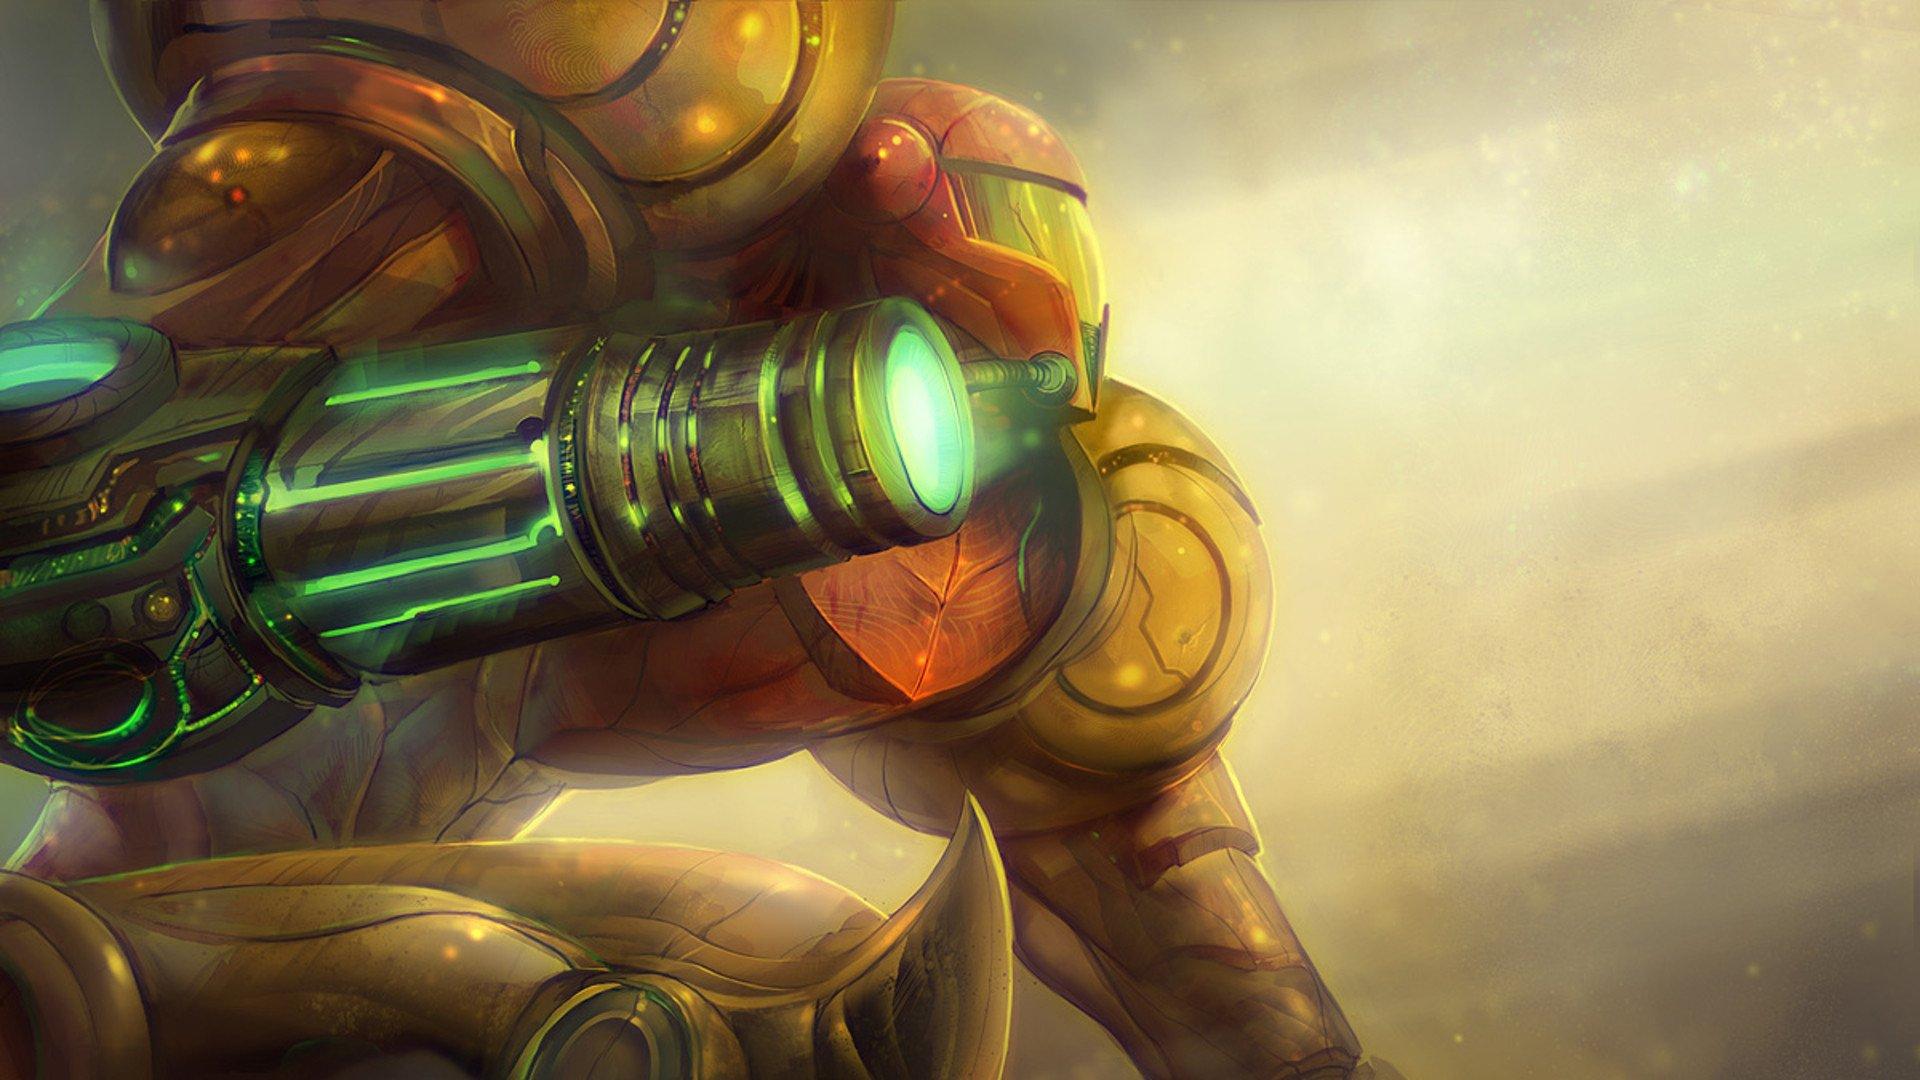 Video Game - Metroid  Samus Aran Metriod Wallpaper